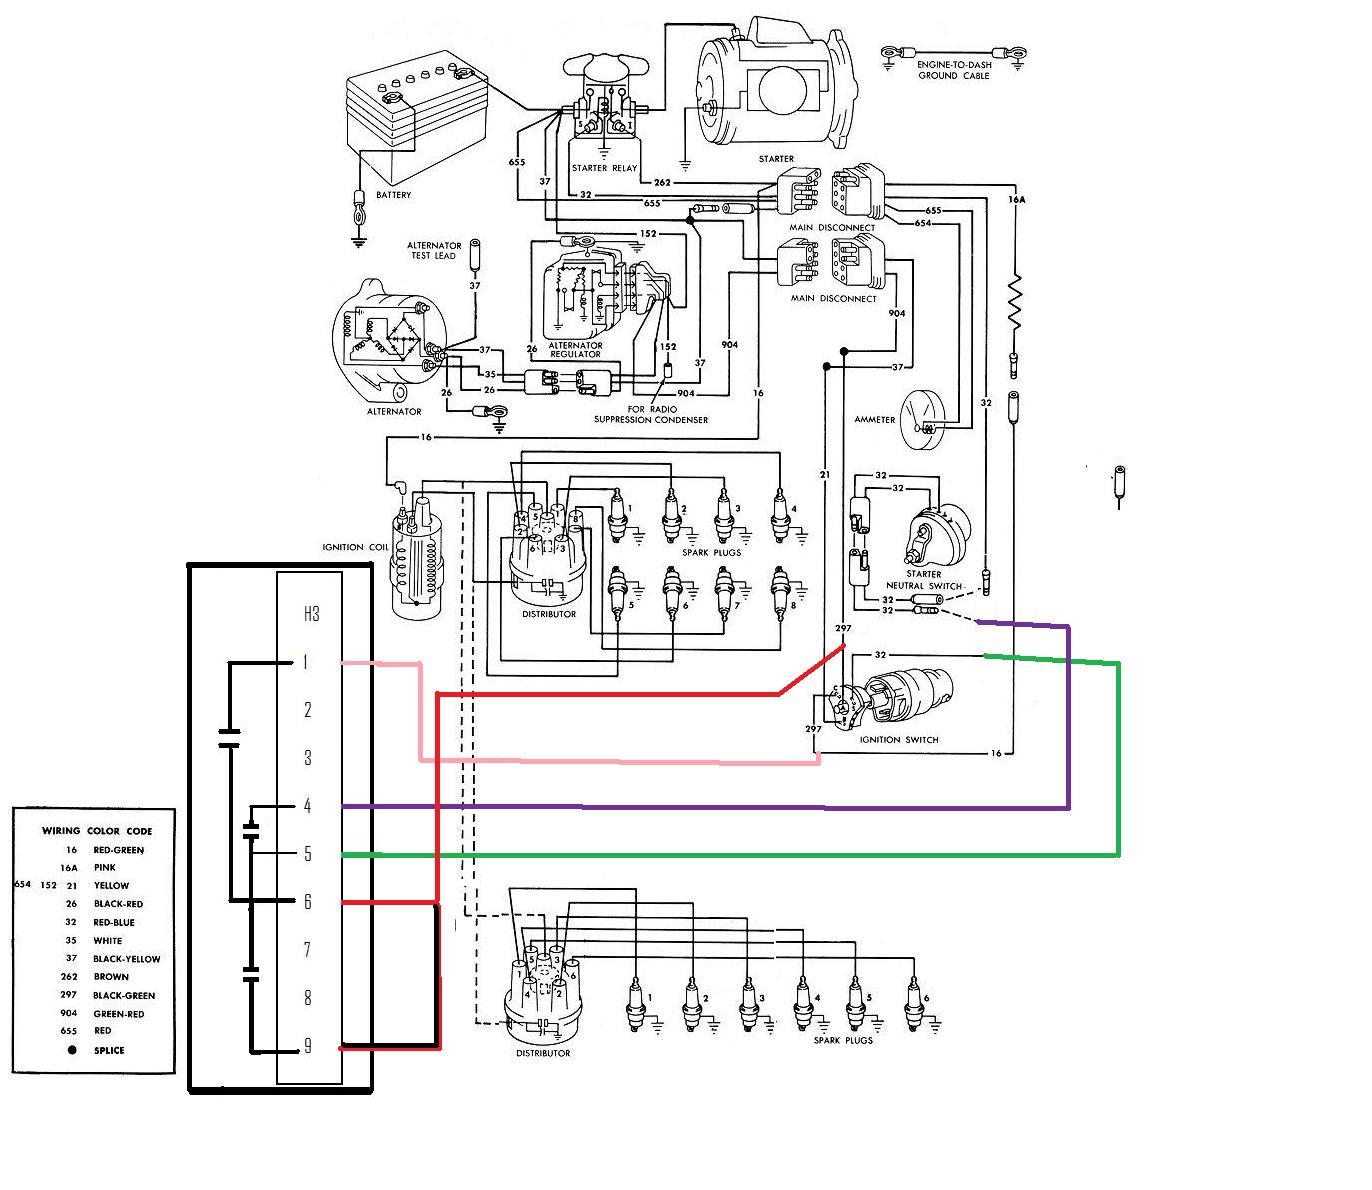 Ungewöhnlich 5901 Viper Alarm Schaltplan Zeitgenössisch - Schaltplan ...